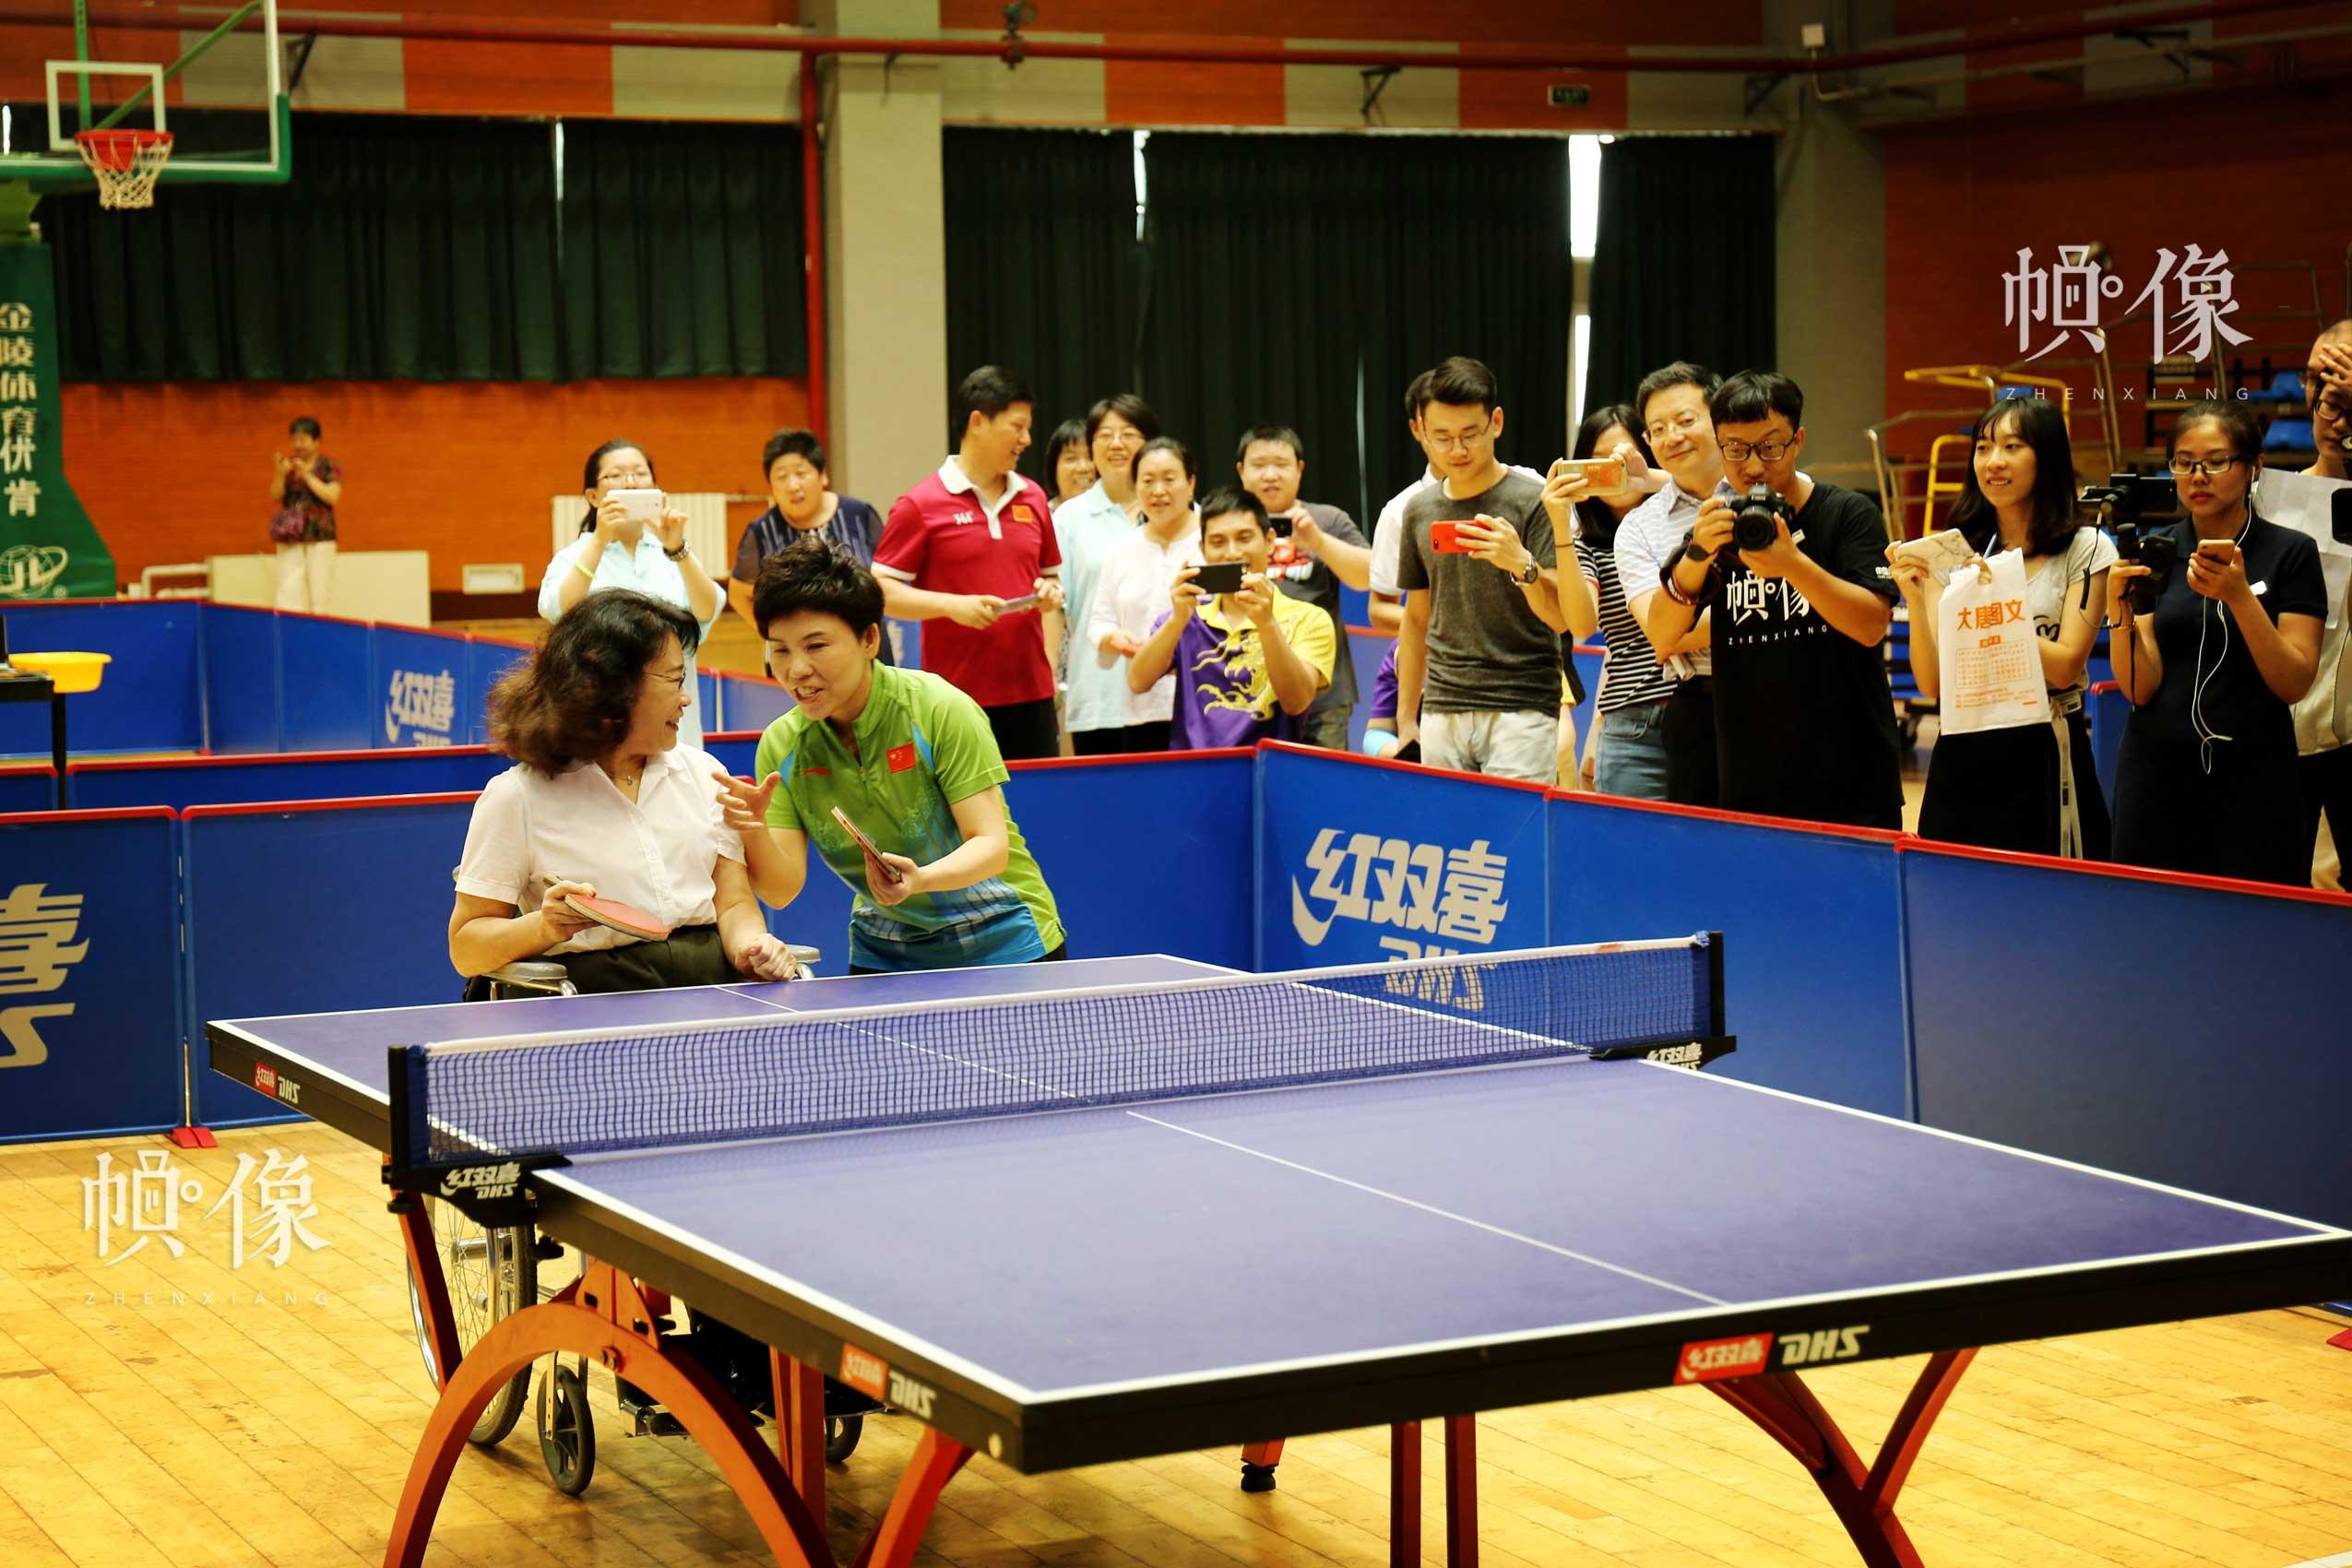 2017年8月10日,第七届残疾人健身周推广日活动在京举行。图为张海迪主席和邓亚萍打乒乓球互动。中国网记者 王梦泽 摄